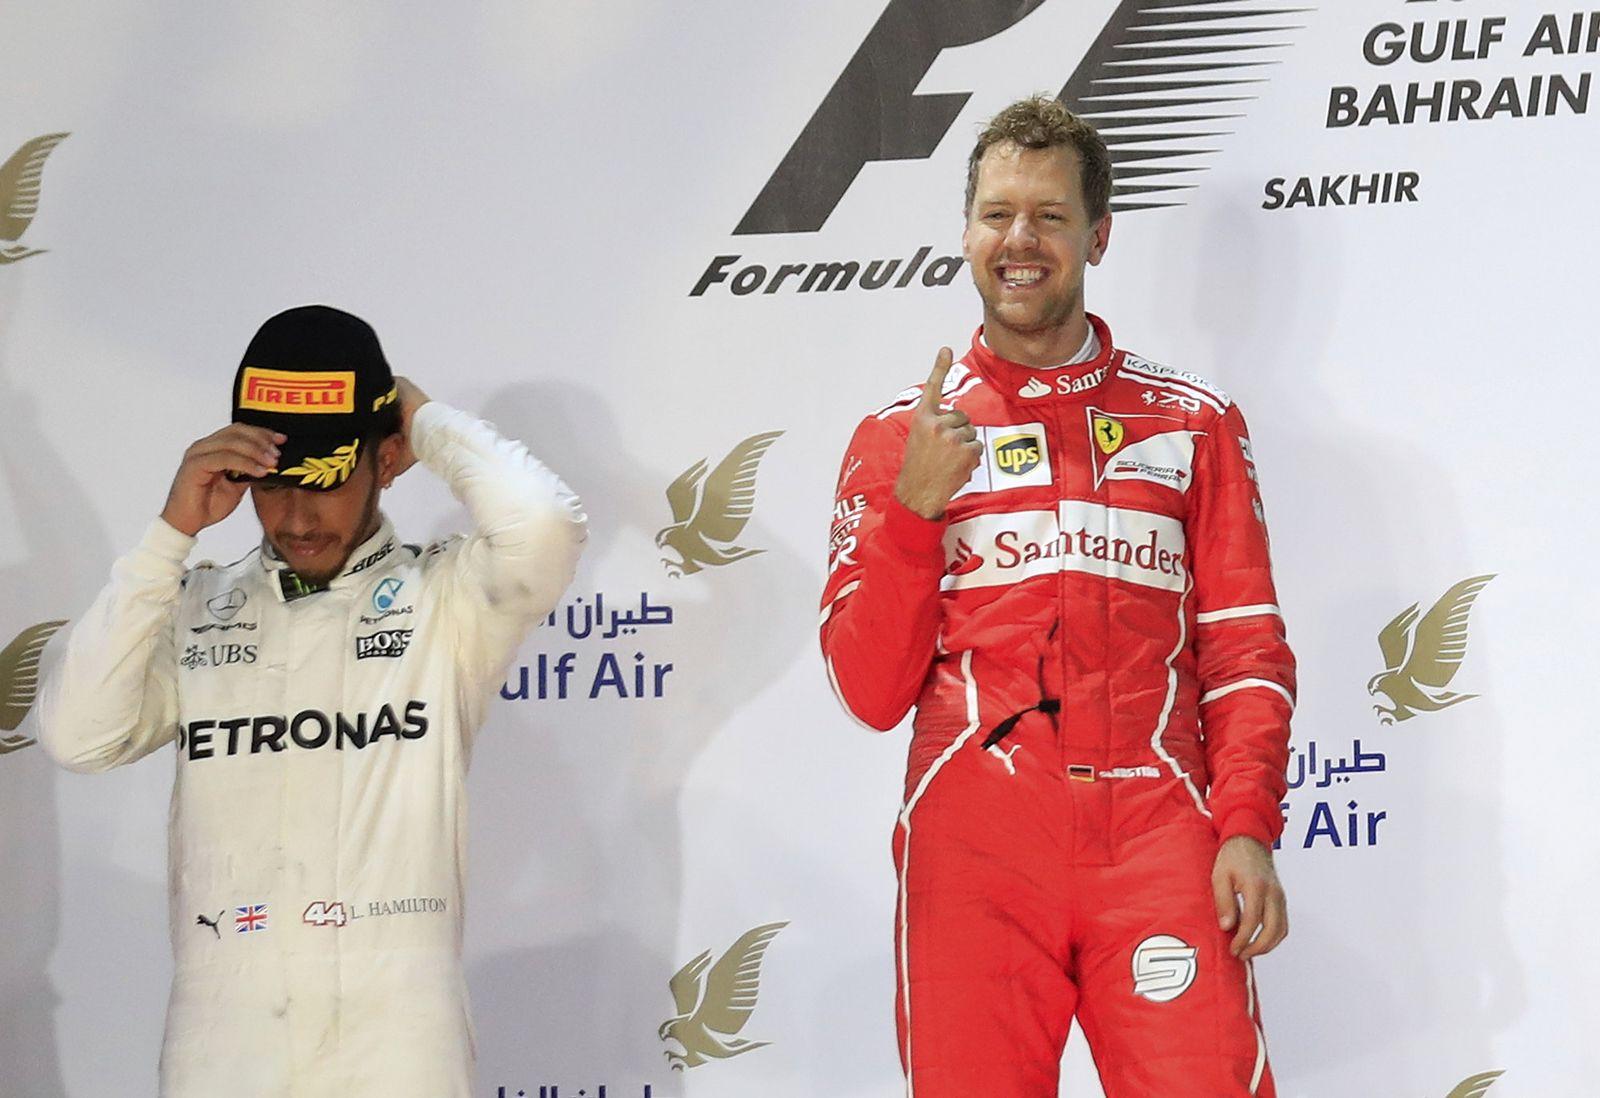 Formel 1 - Grand Prix von Bahrain Vettel Hamilton